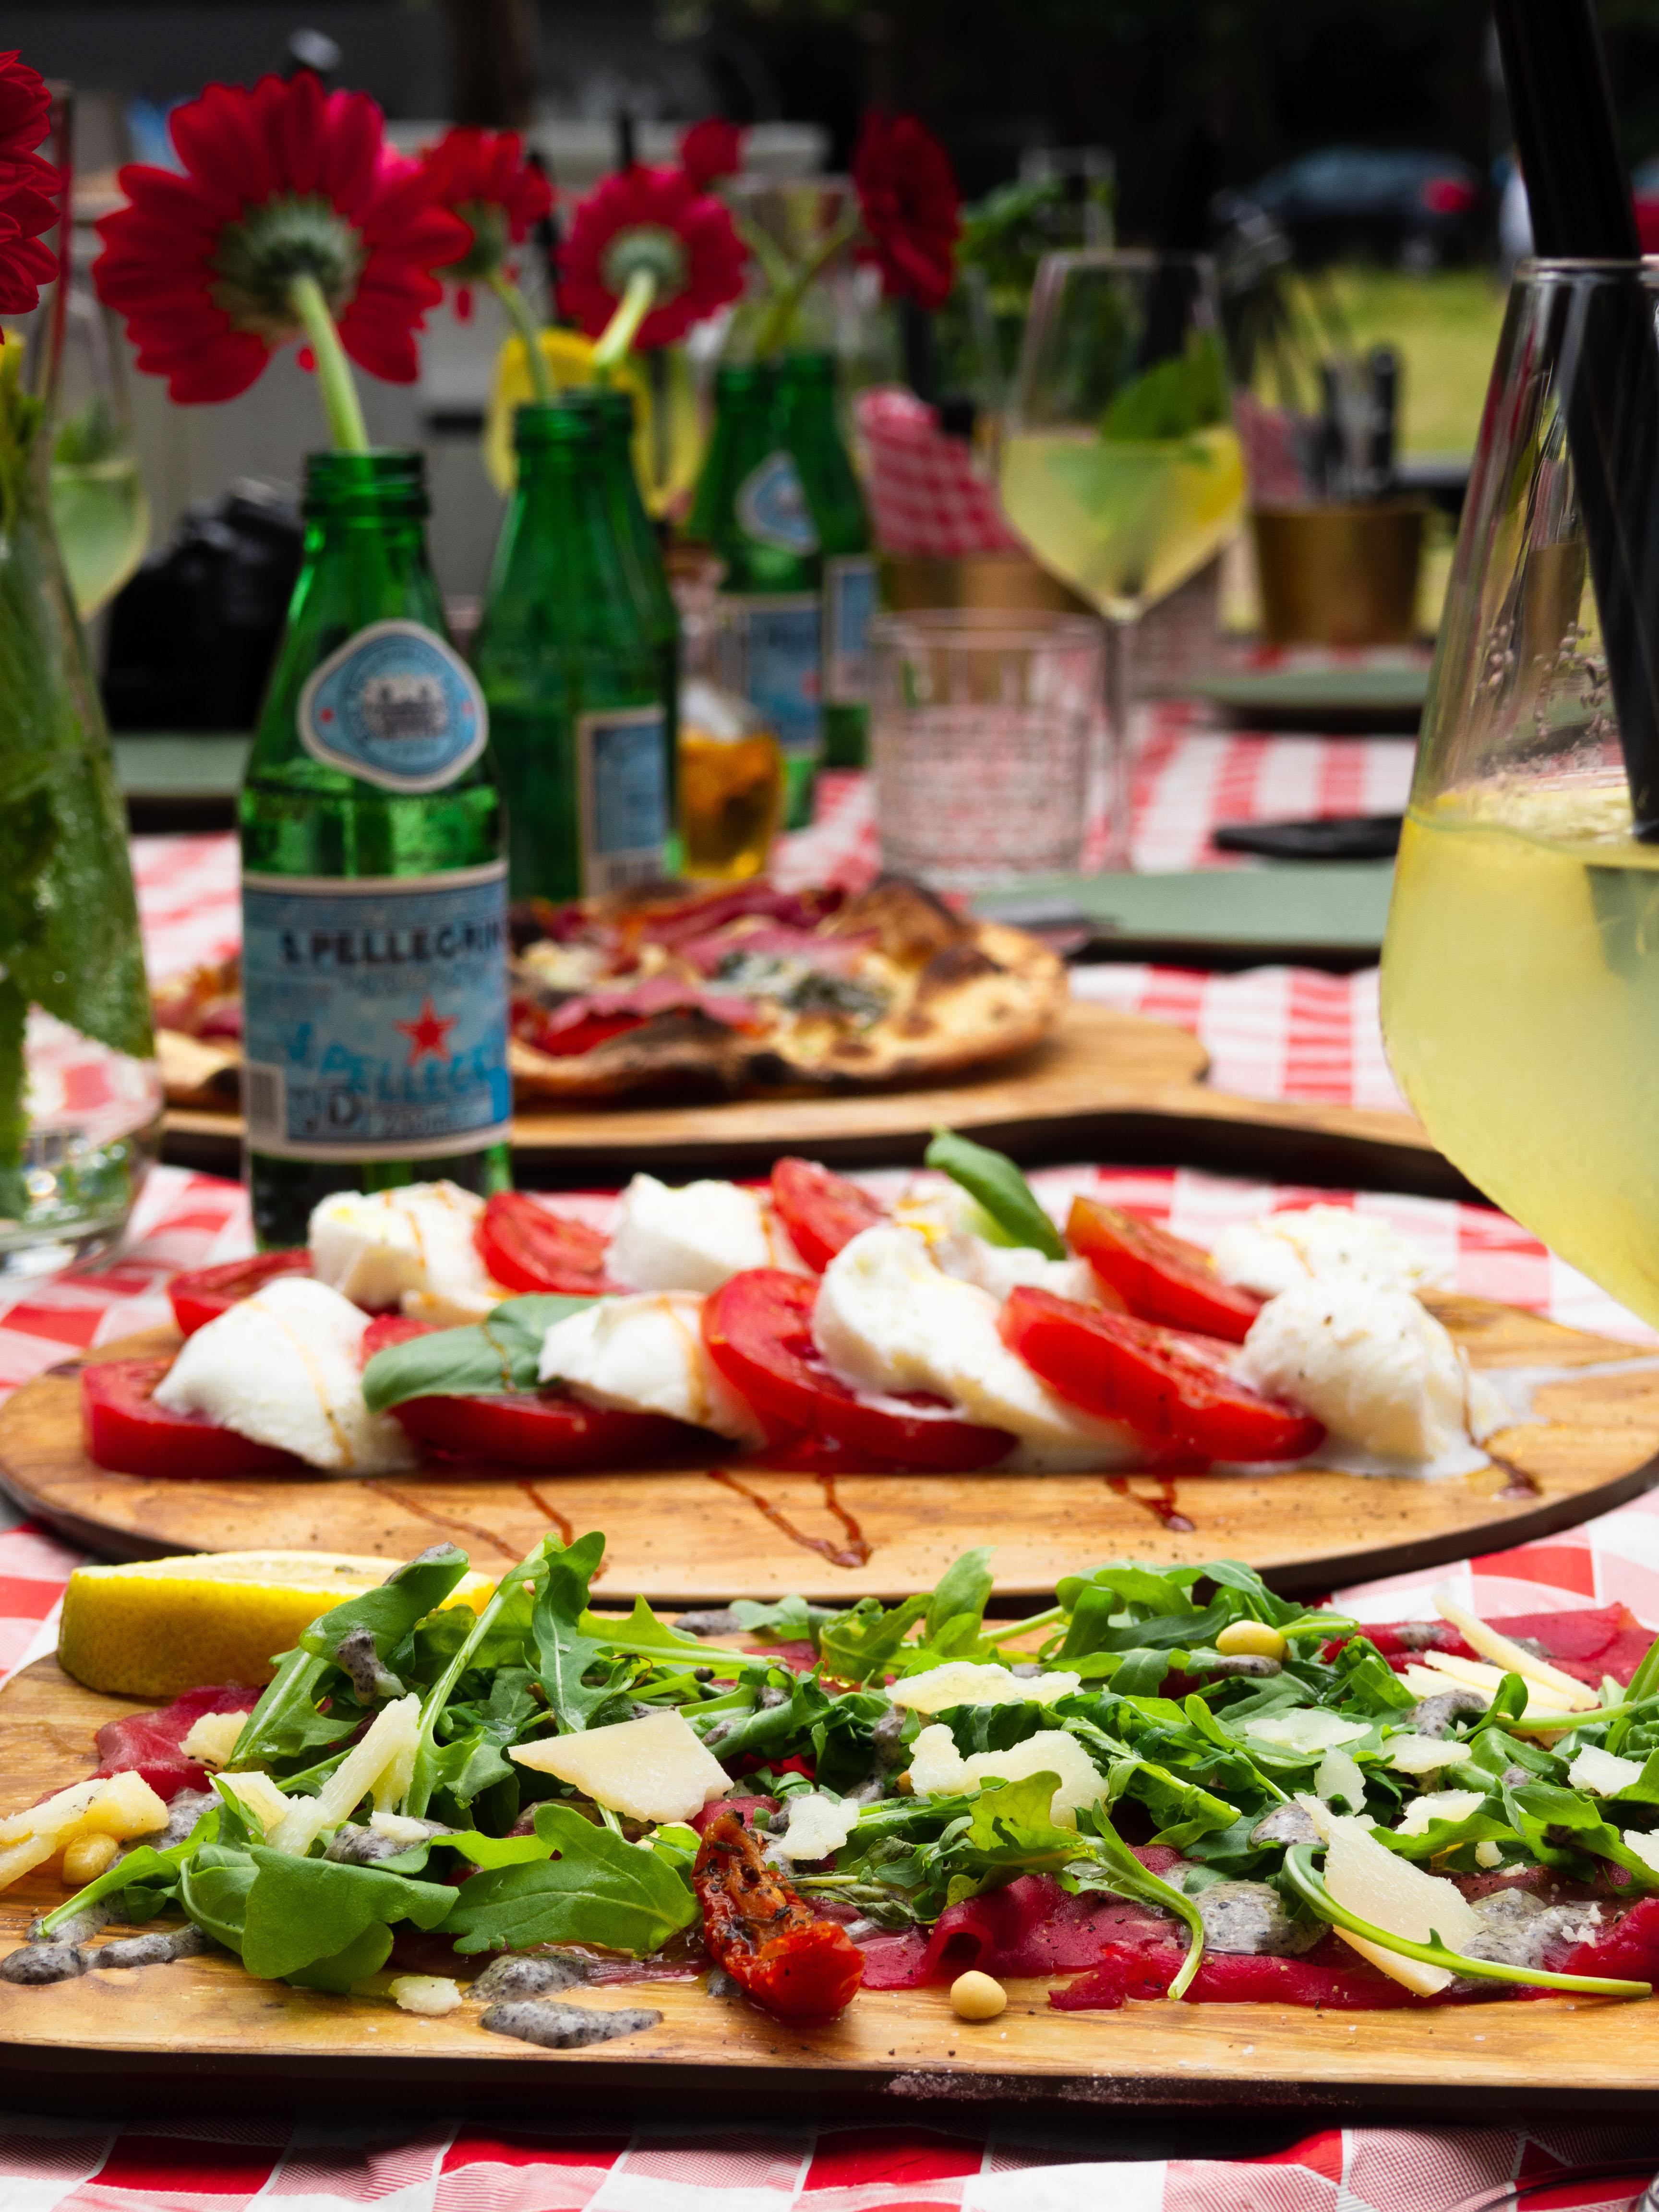 martini's by roma eindhoven focaccia